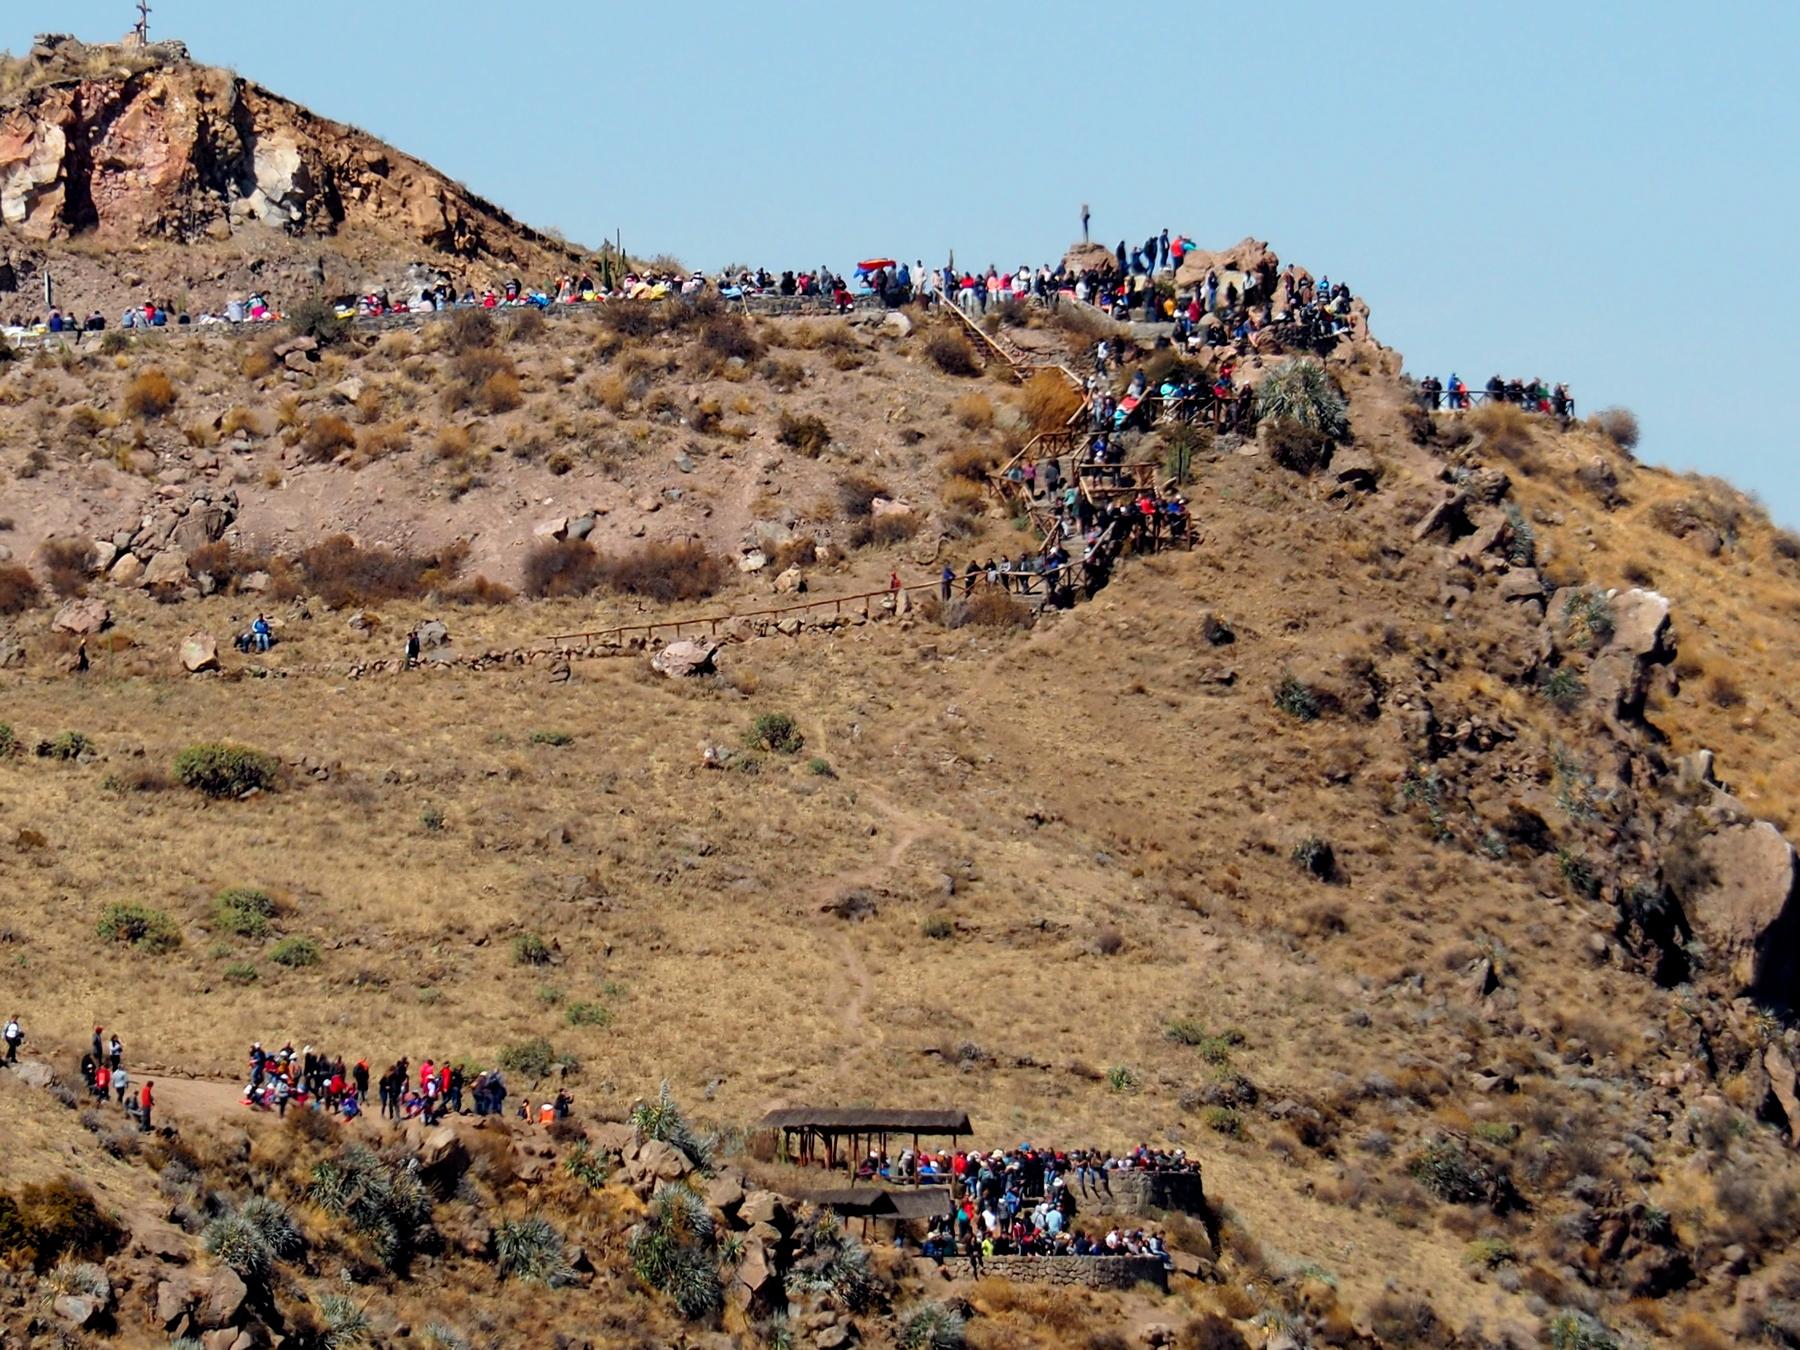 ... 500m weiter die Massen warten, die extra für den Event bezahlt haben.